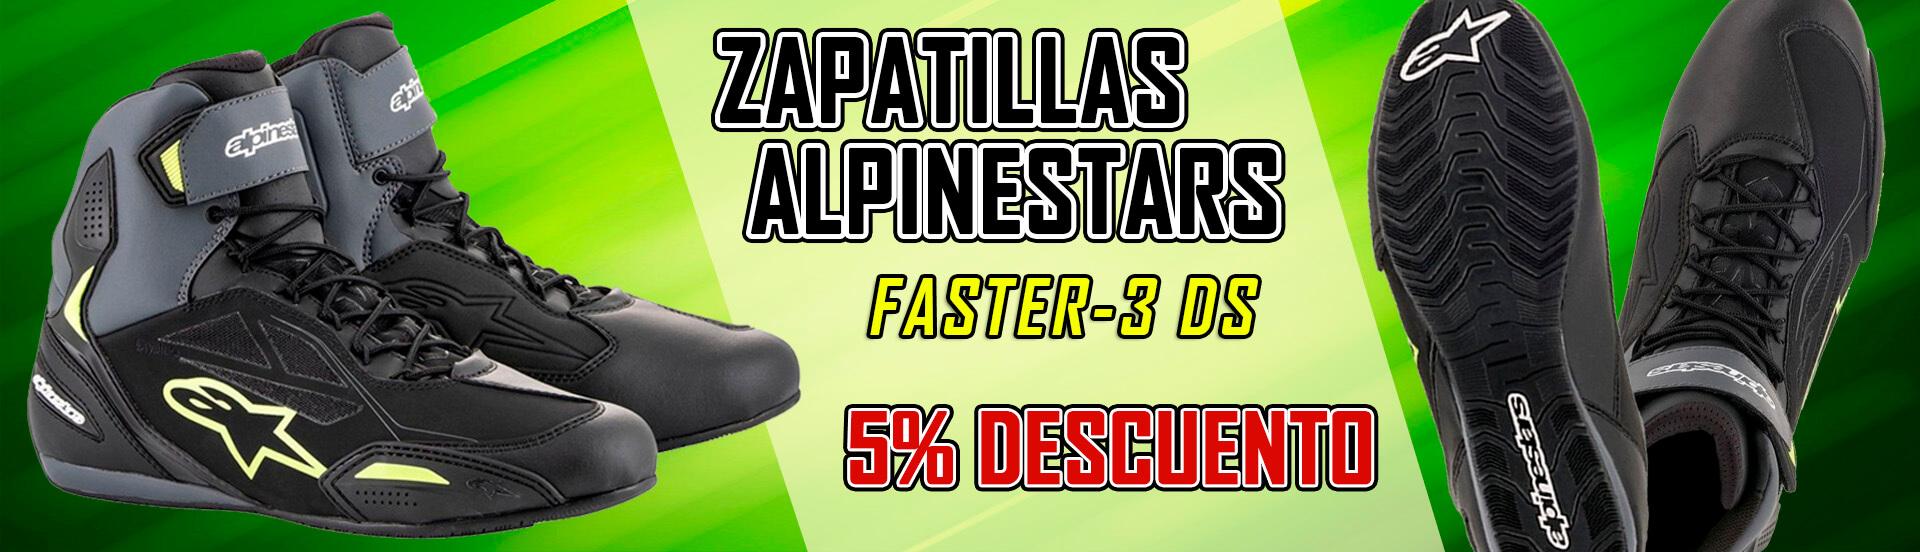 ZAPATILLAS FASTER 3DS